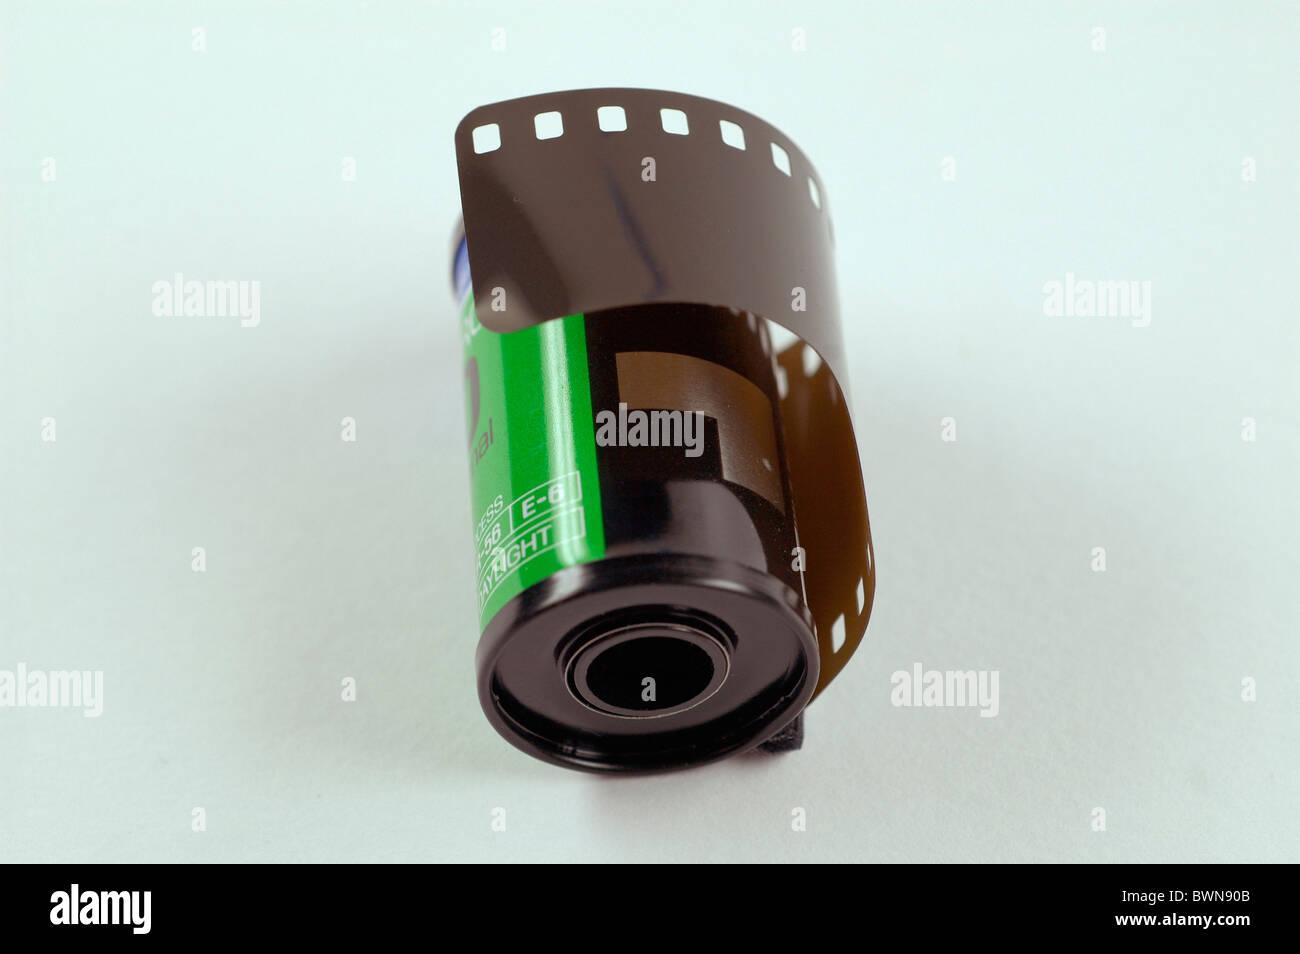 La película de 35 mm de película de imagen pequeña fotografía semejante materia prima copiar Imagen De Stock